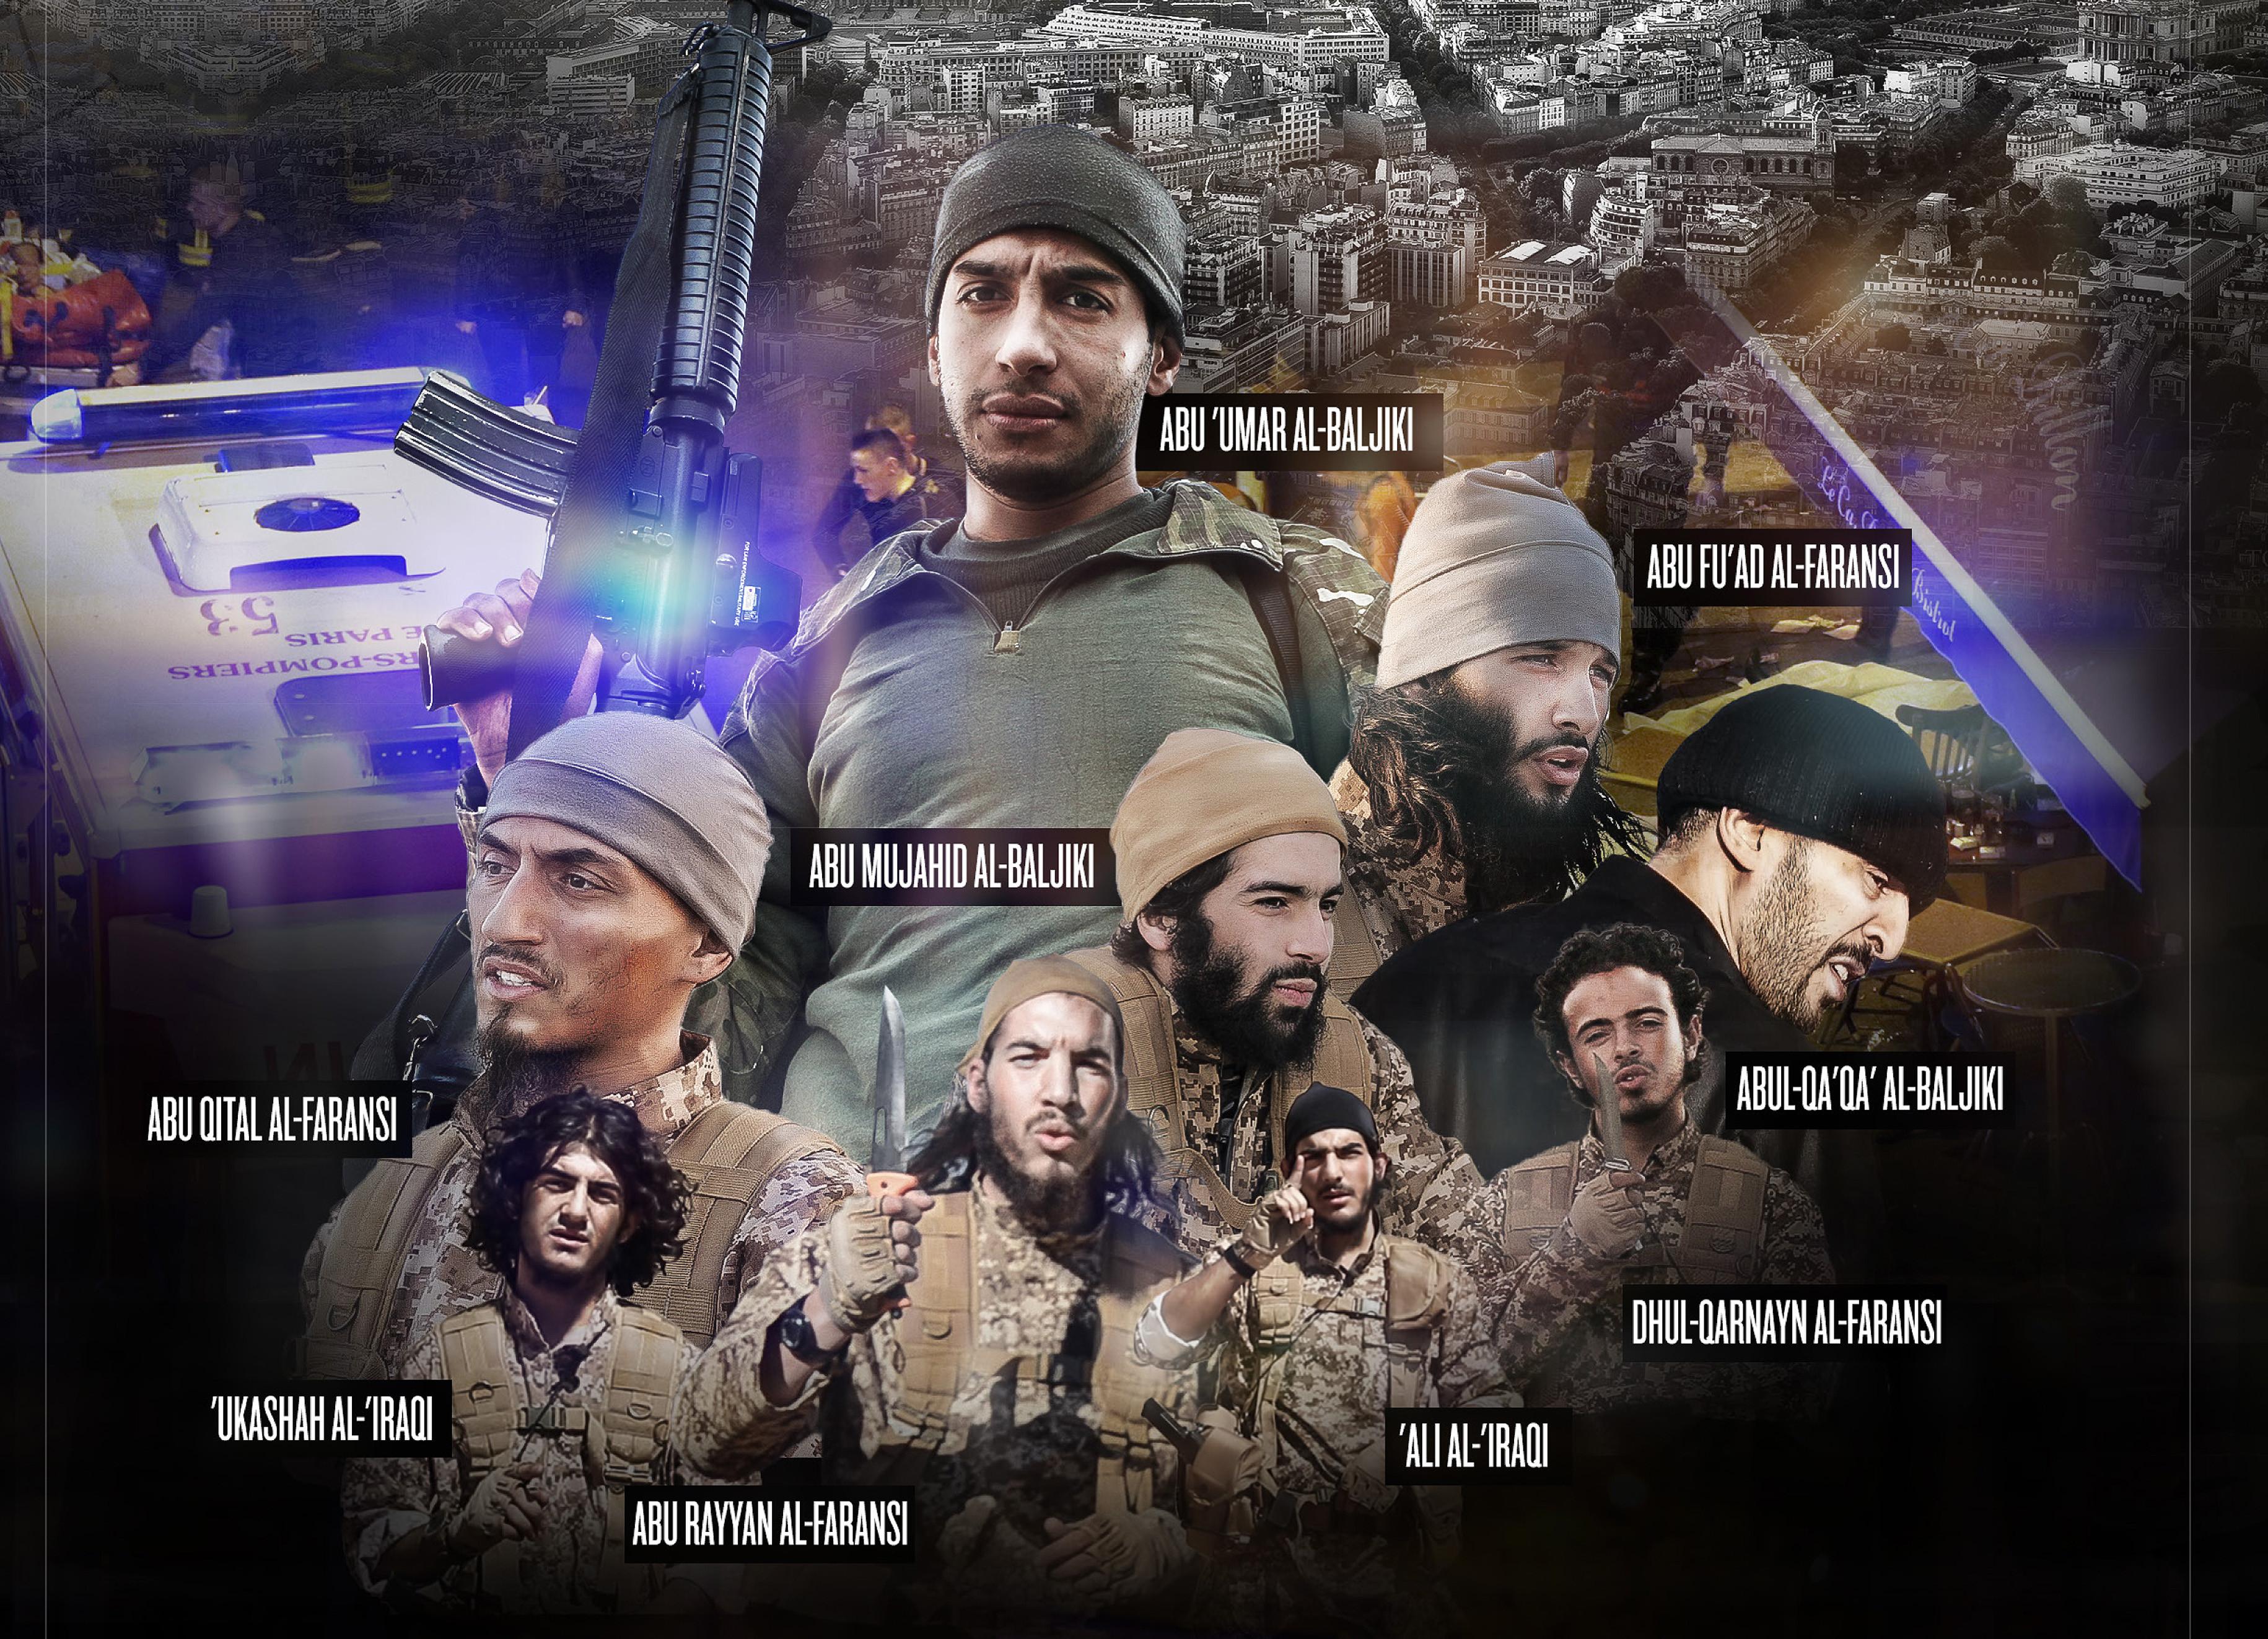 ▲伊斯蘭國有來自各國的聖戰士。(圖/達志影像/美聯社)